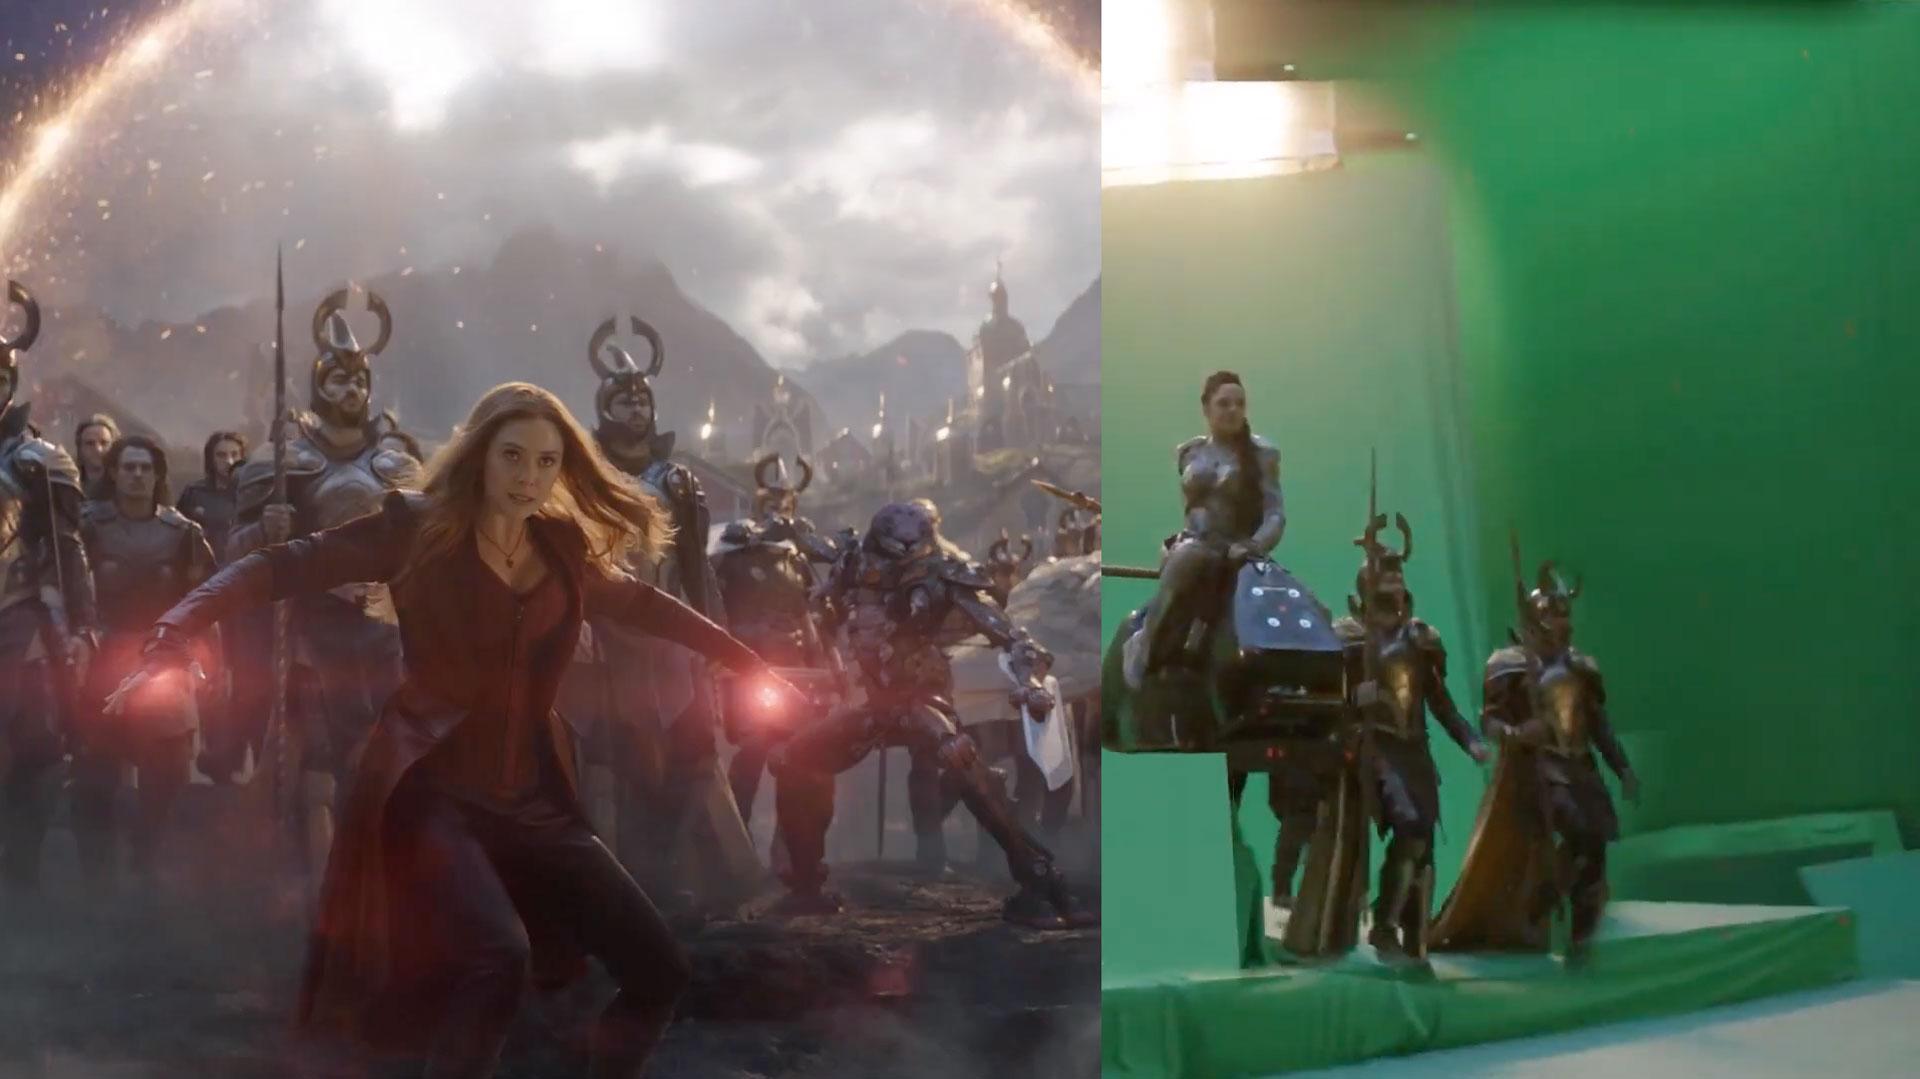 avengers-endgame-vfx-green-screen